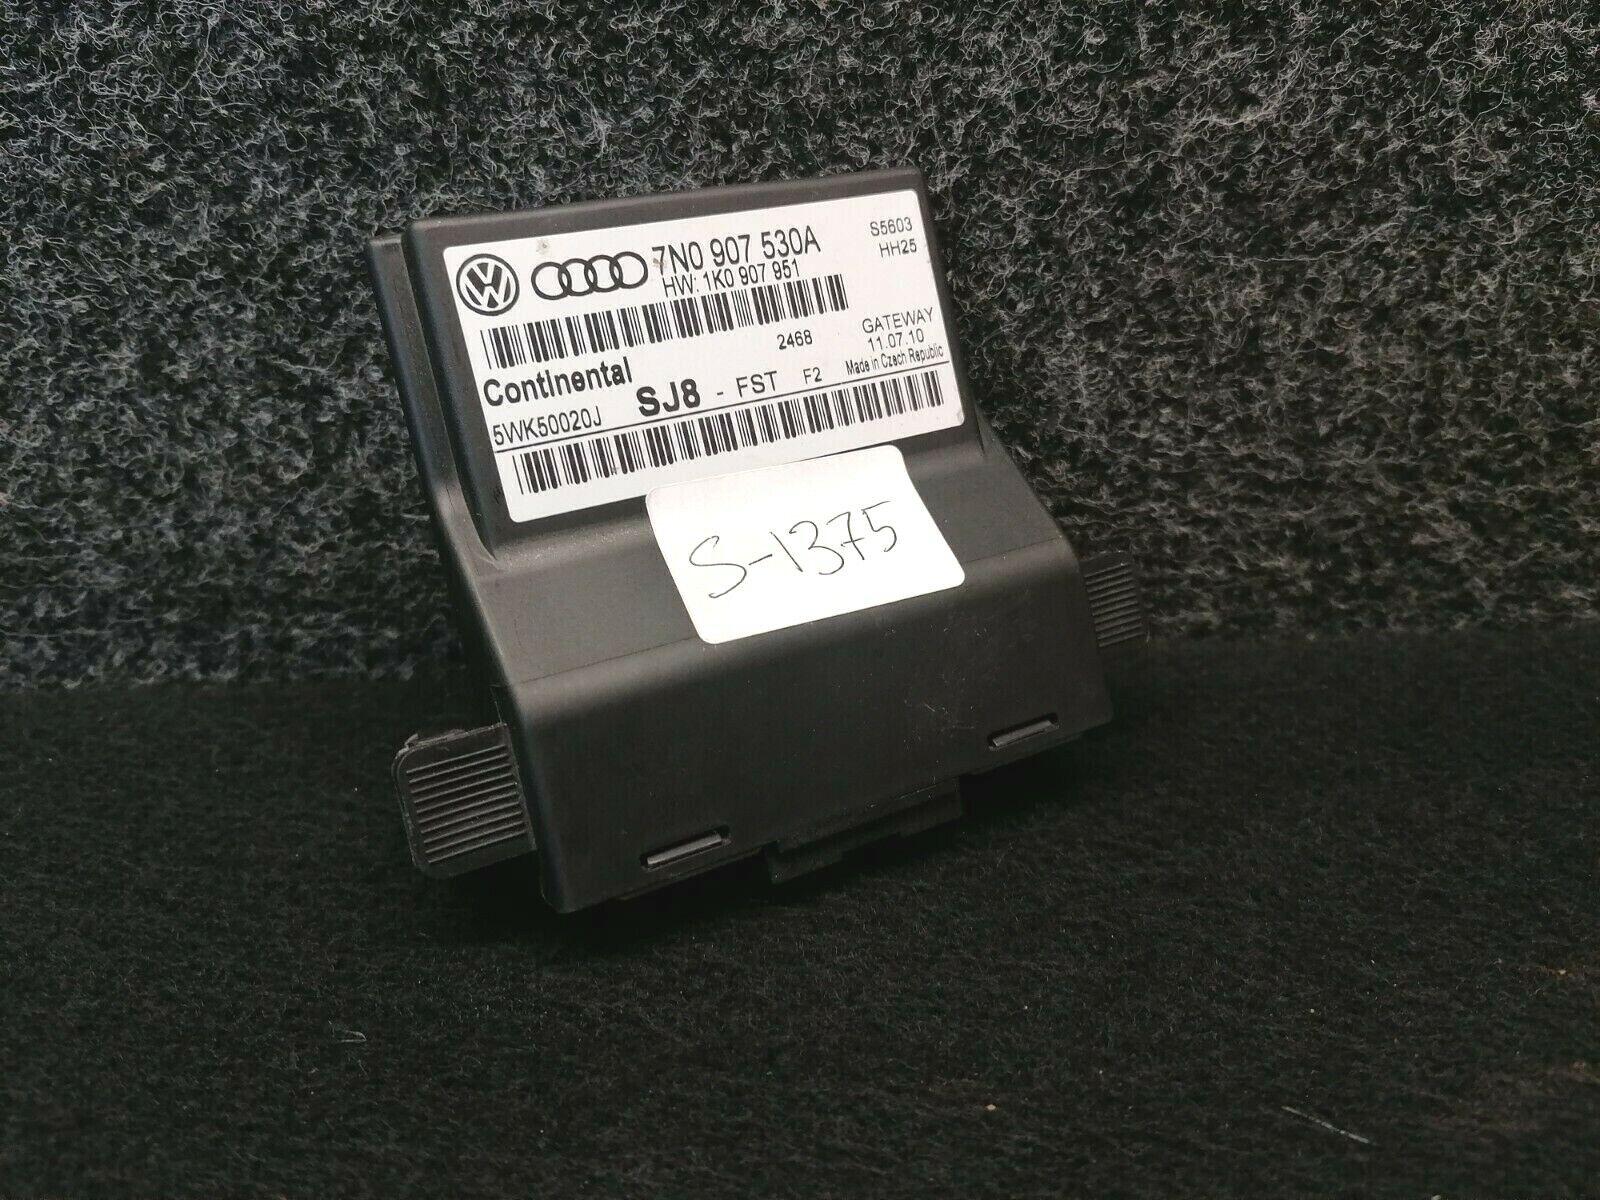 VW Sharan 7N Touran Steuergerät für Gateway 7N0 907 530 A 7N0907530A